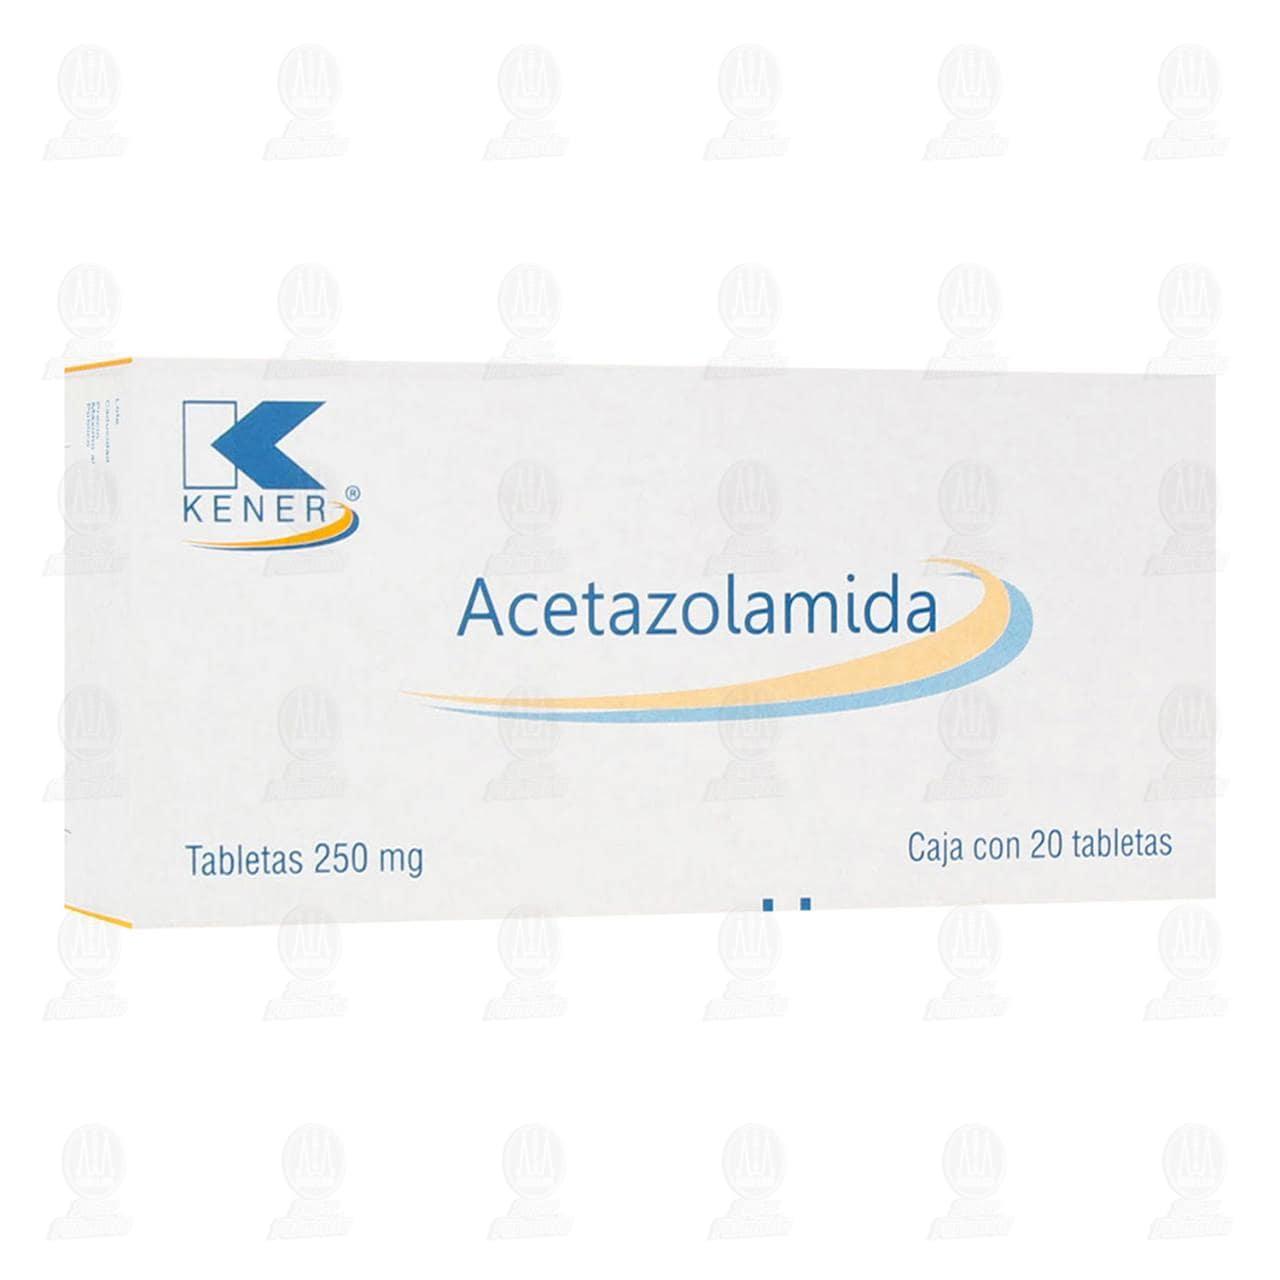 Comprar Acetazolamida 250 mg 20 Tabletas Kener. en Farmacias Guadalajara